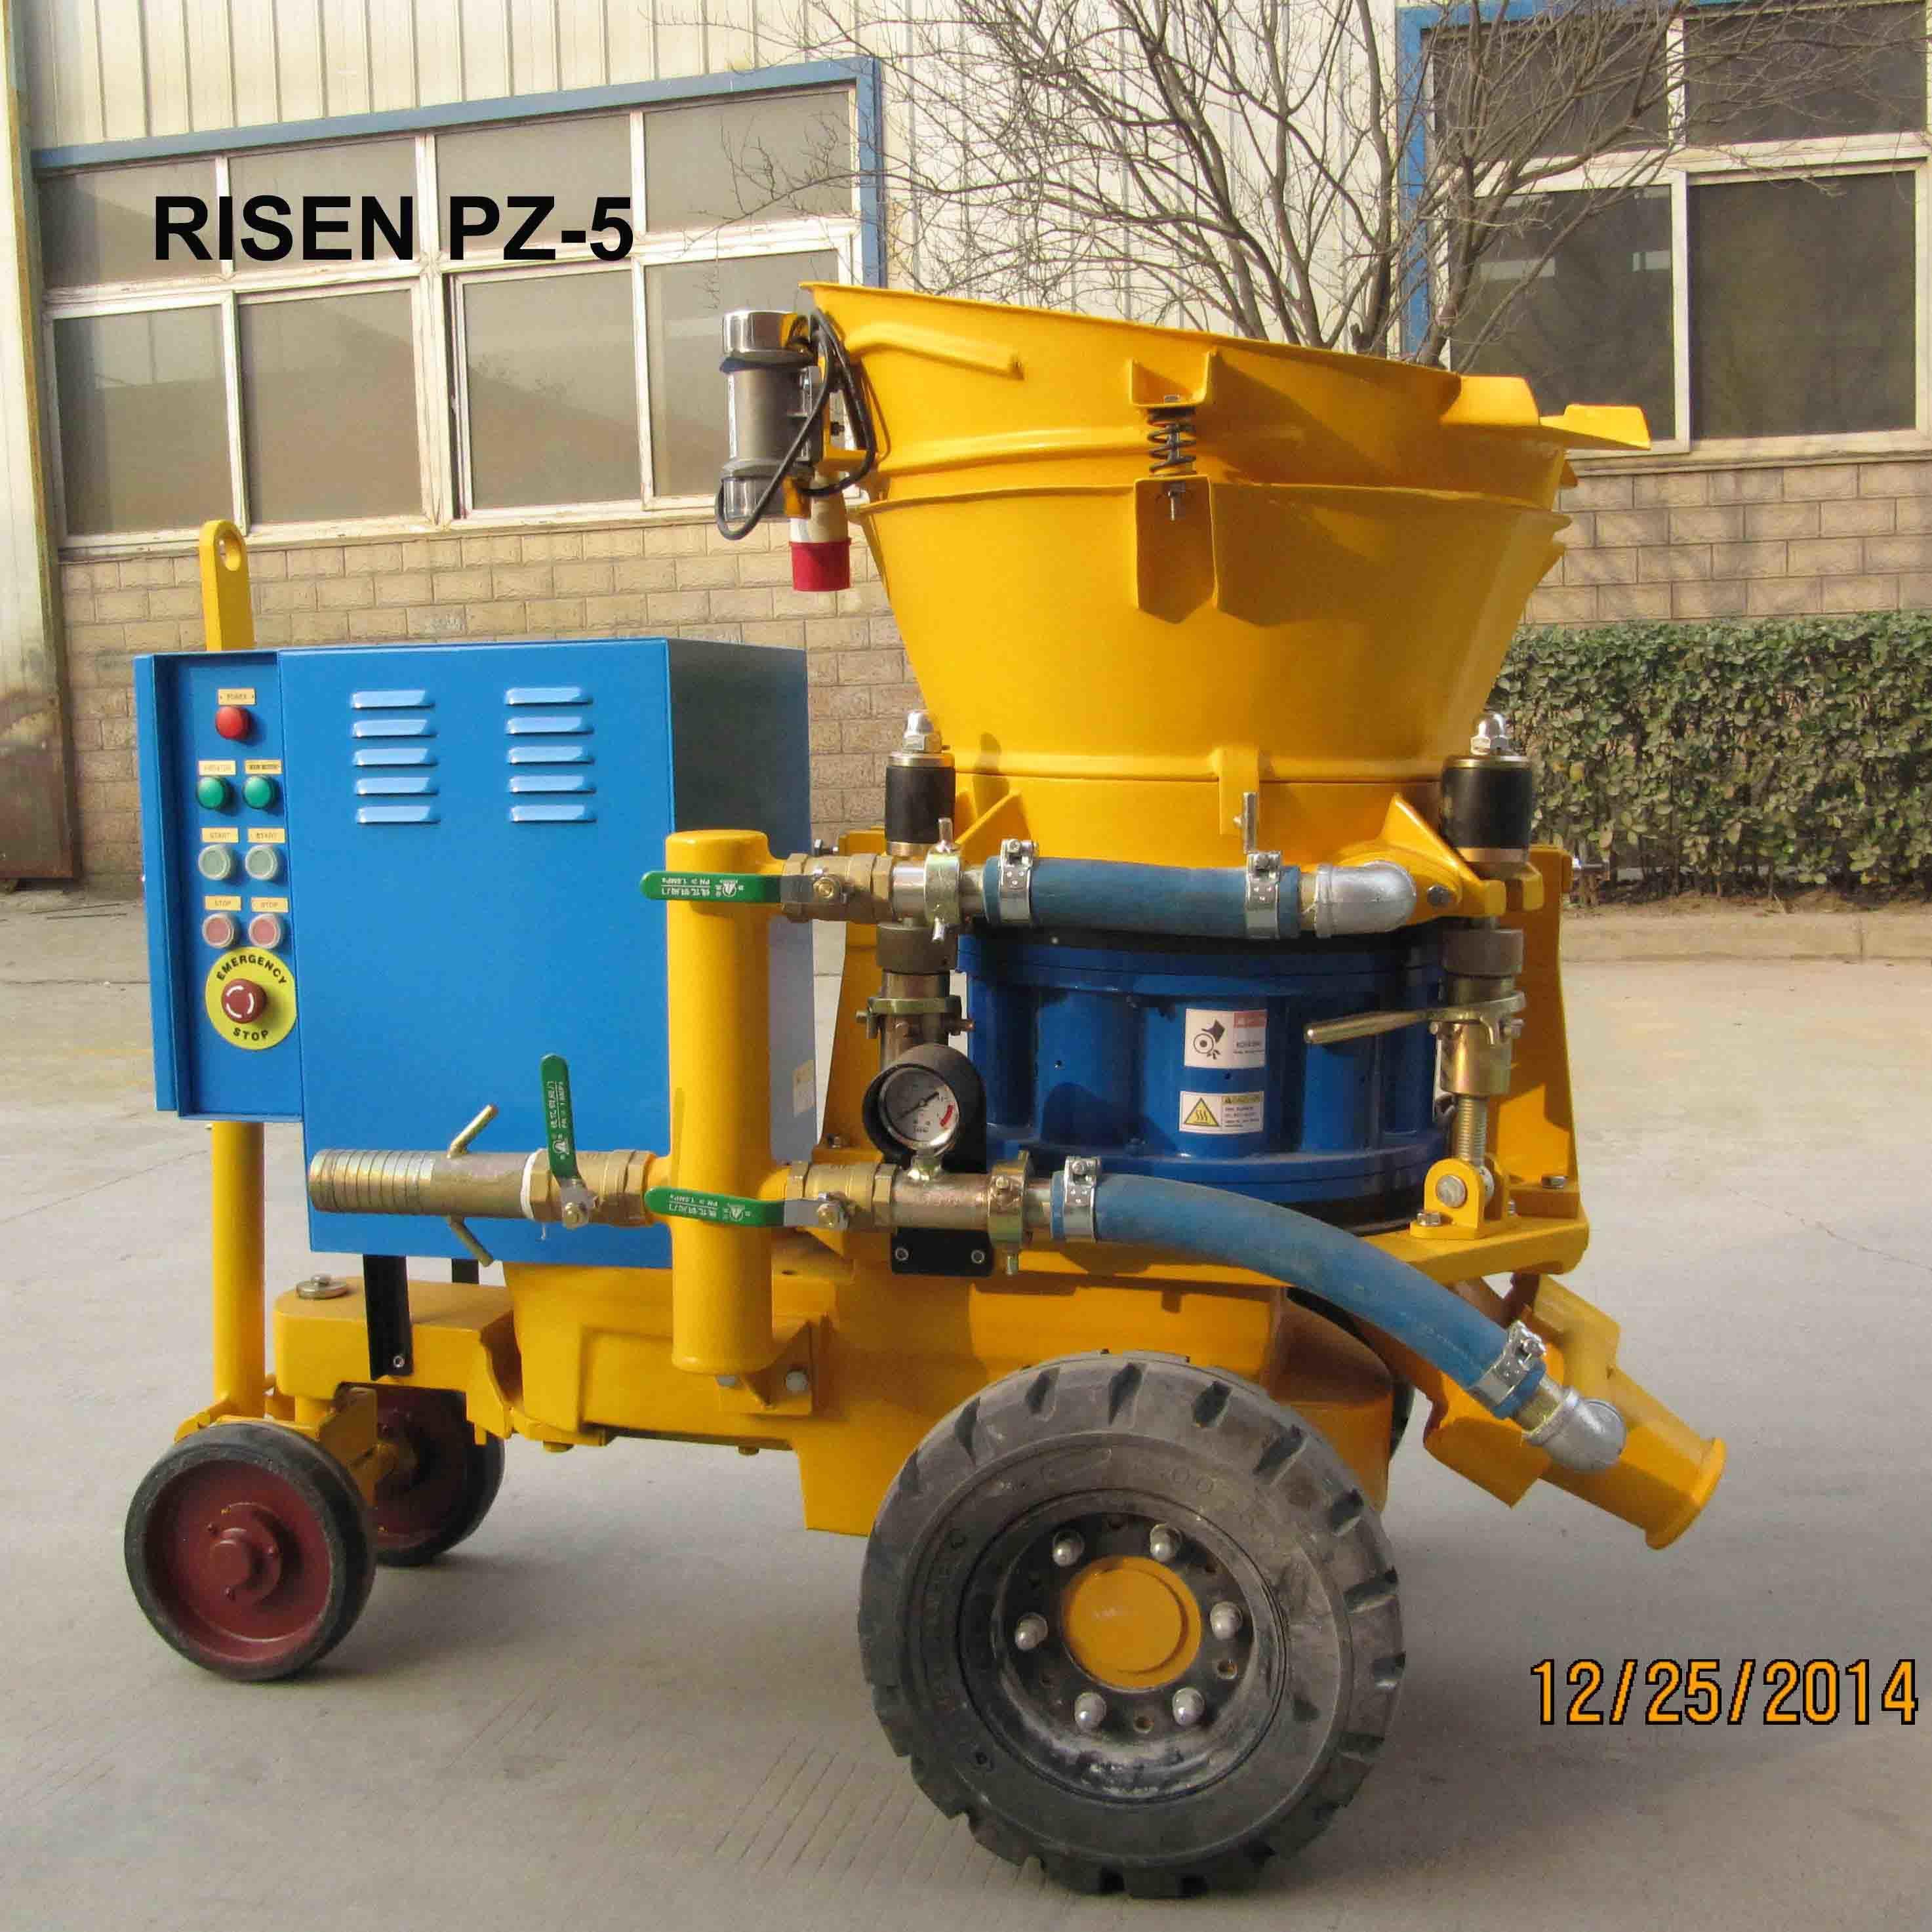 Risen PZ-5 Dry-Mix Gunite Machine